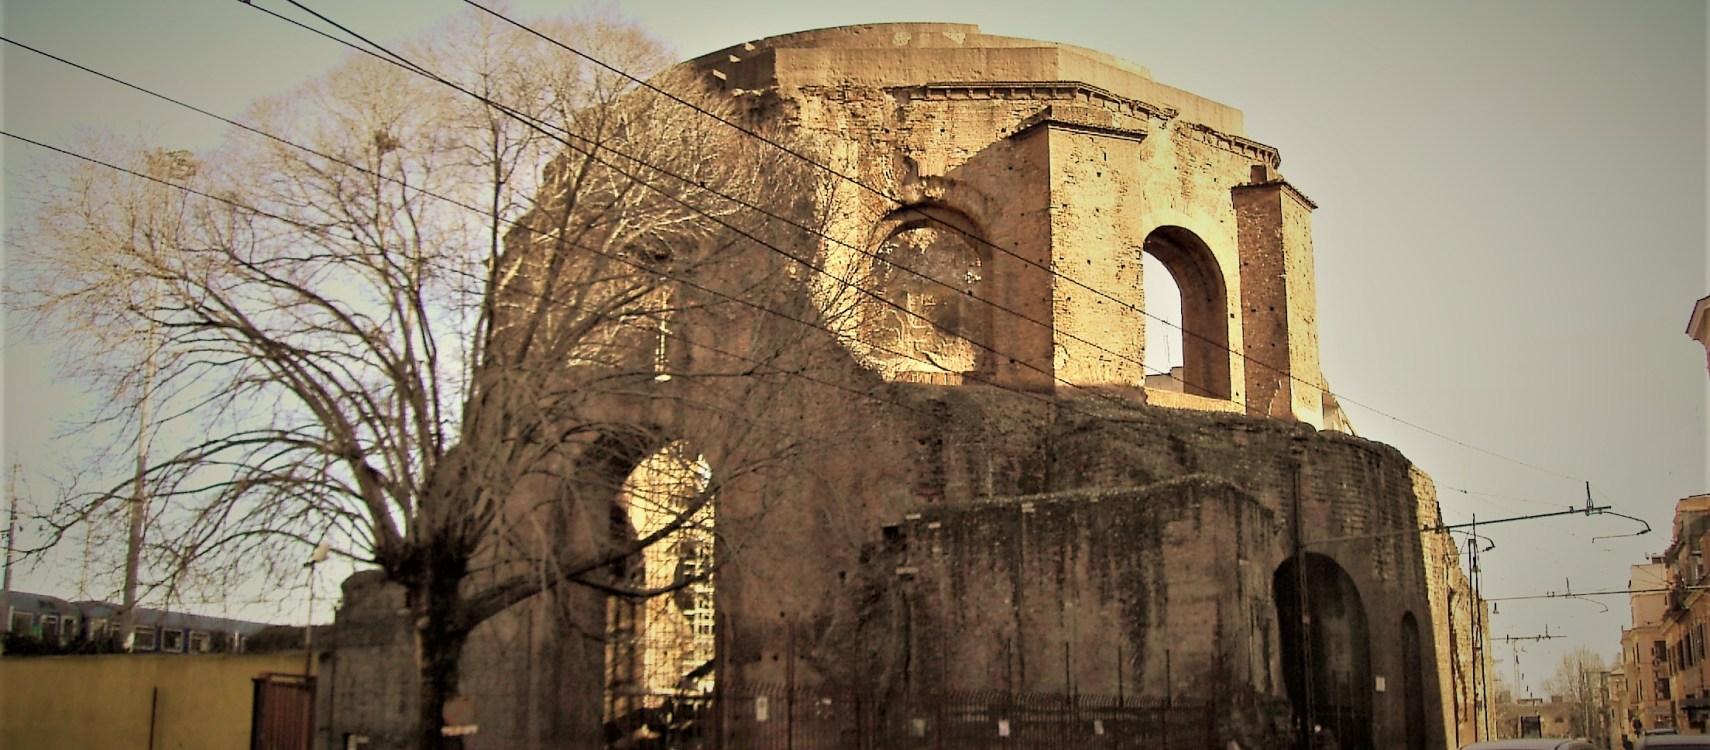 Tempio di Minerva Medica, apertura straordinaria nel weekend del 17 e 18 ottobre